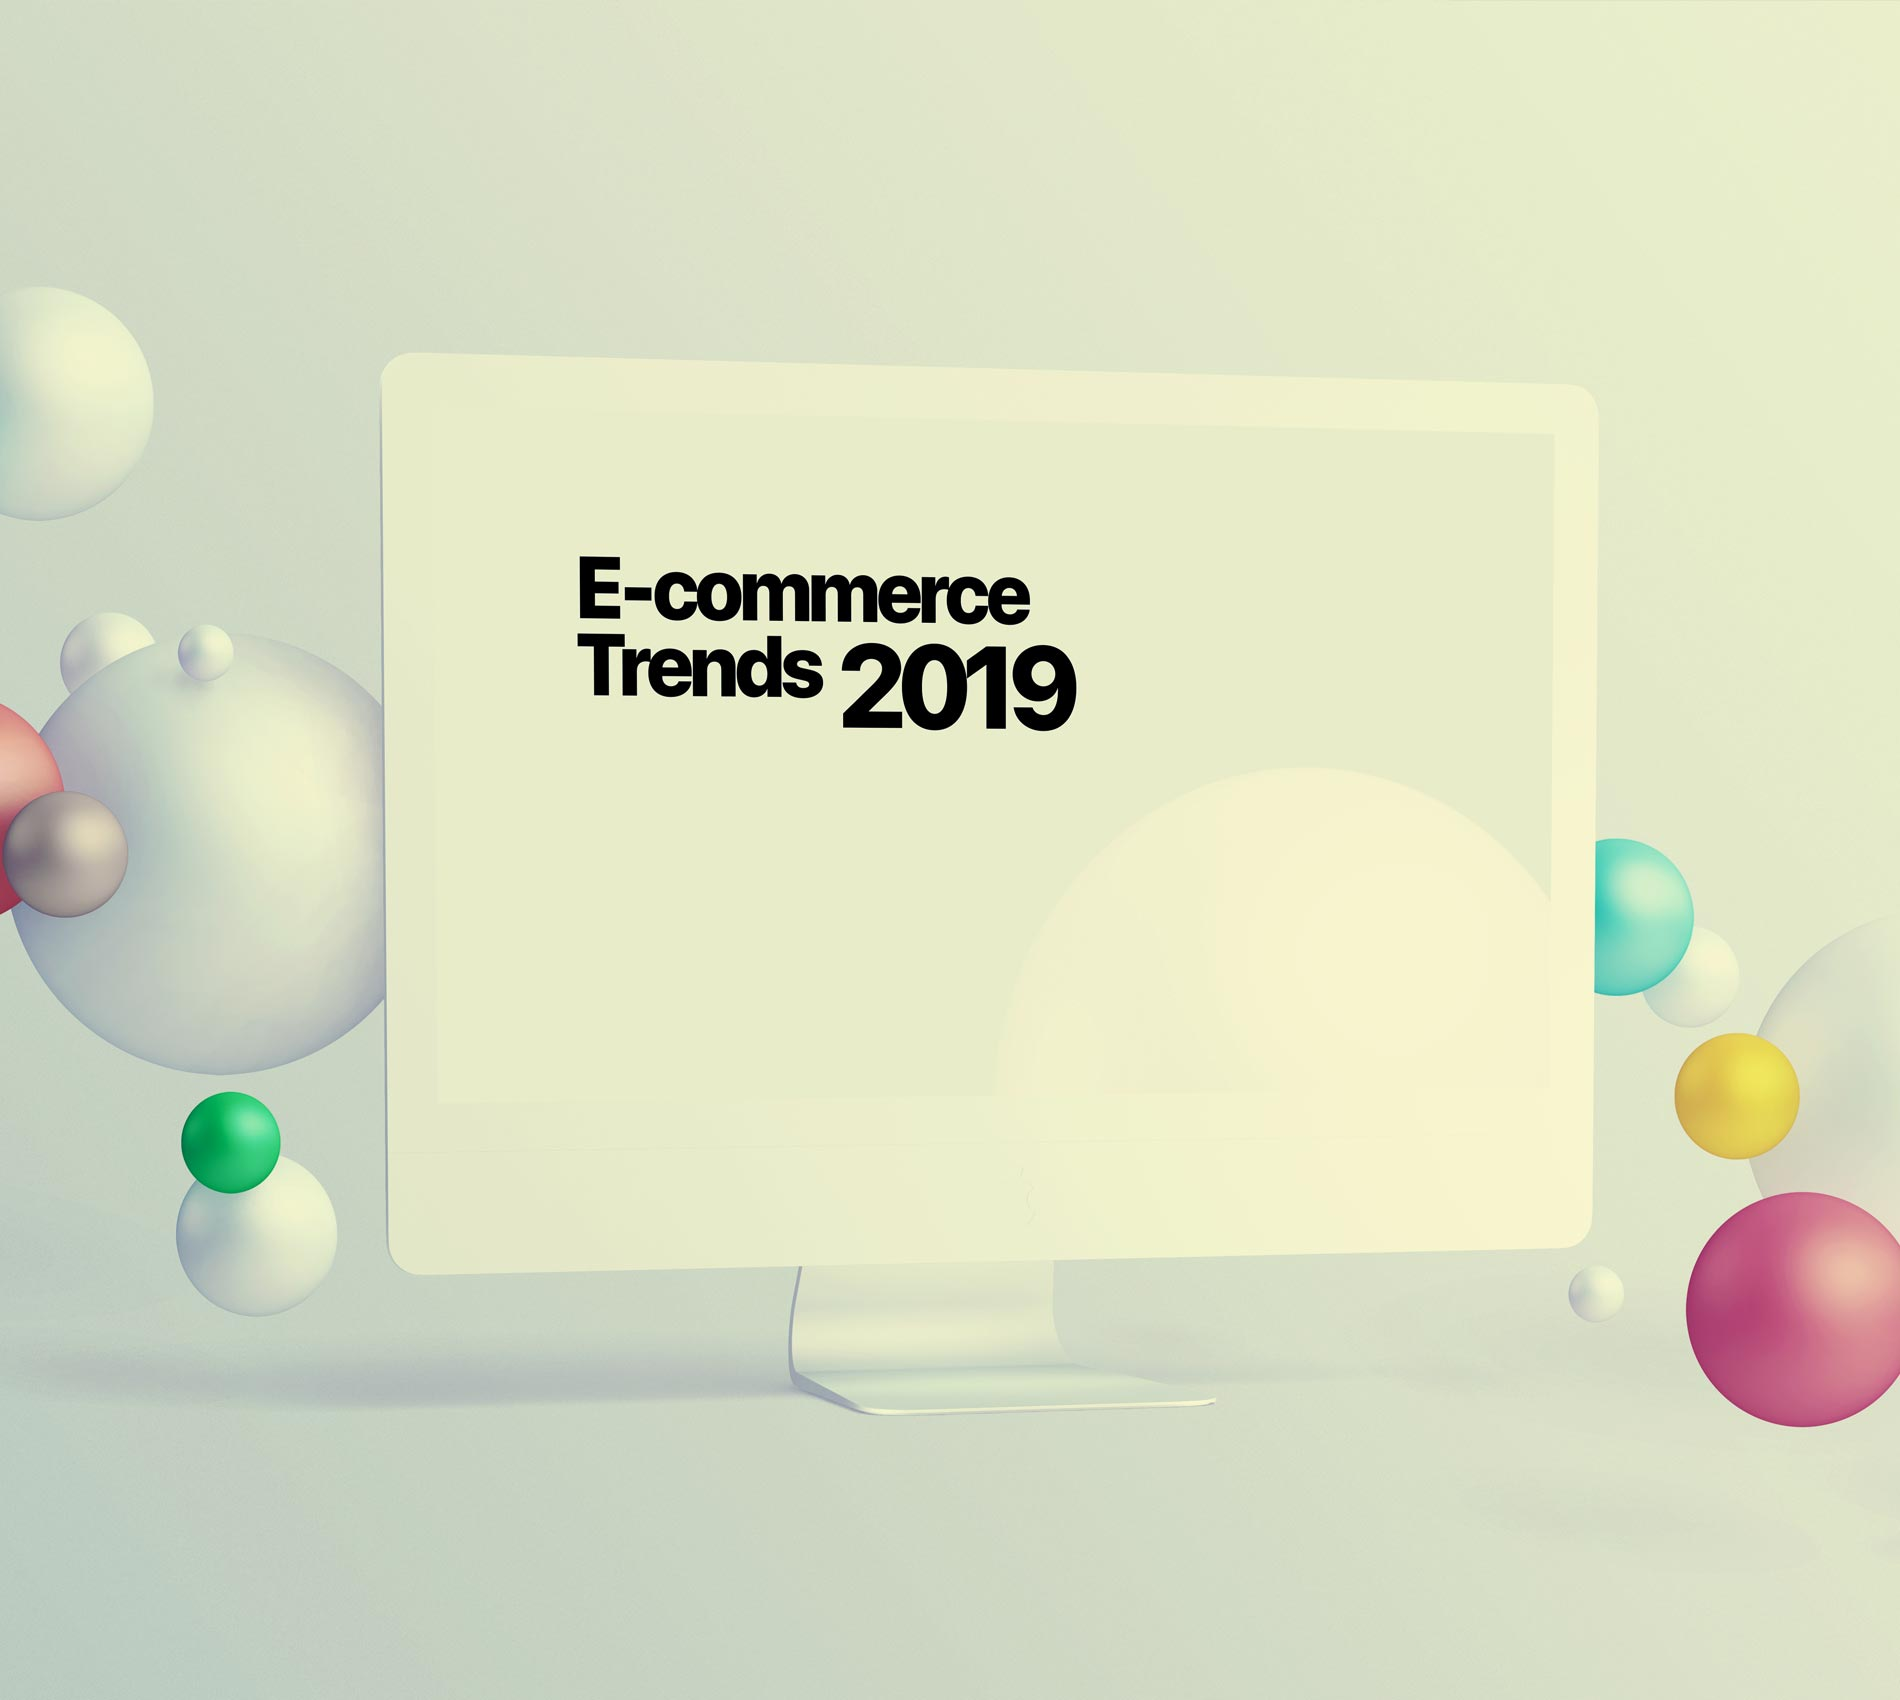 Tendências para o e-commerce em 2019